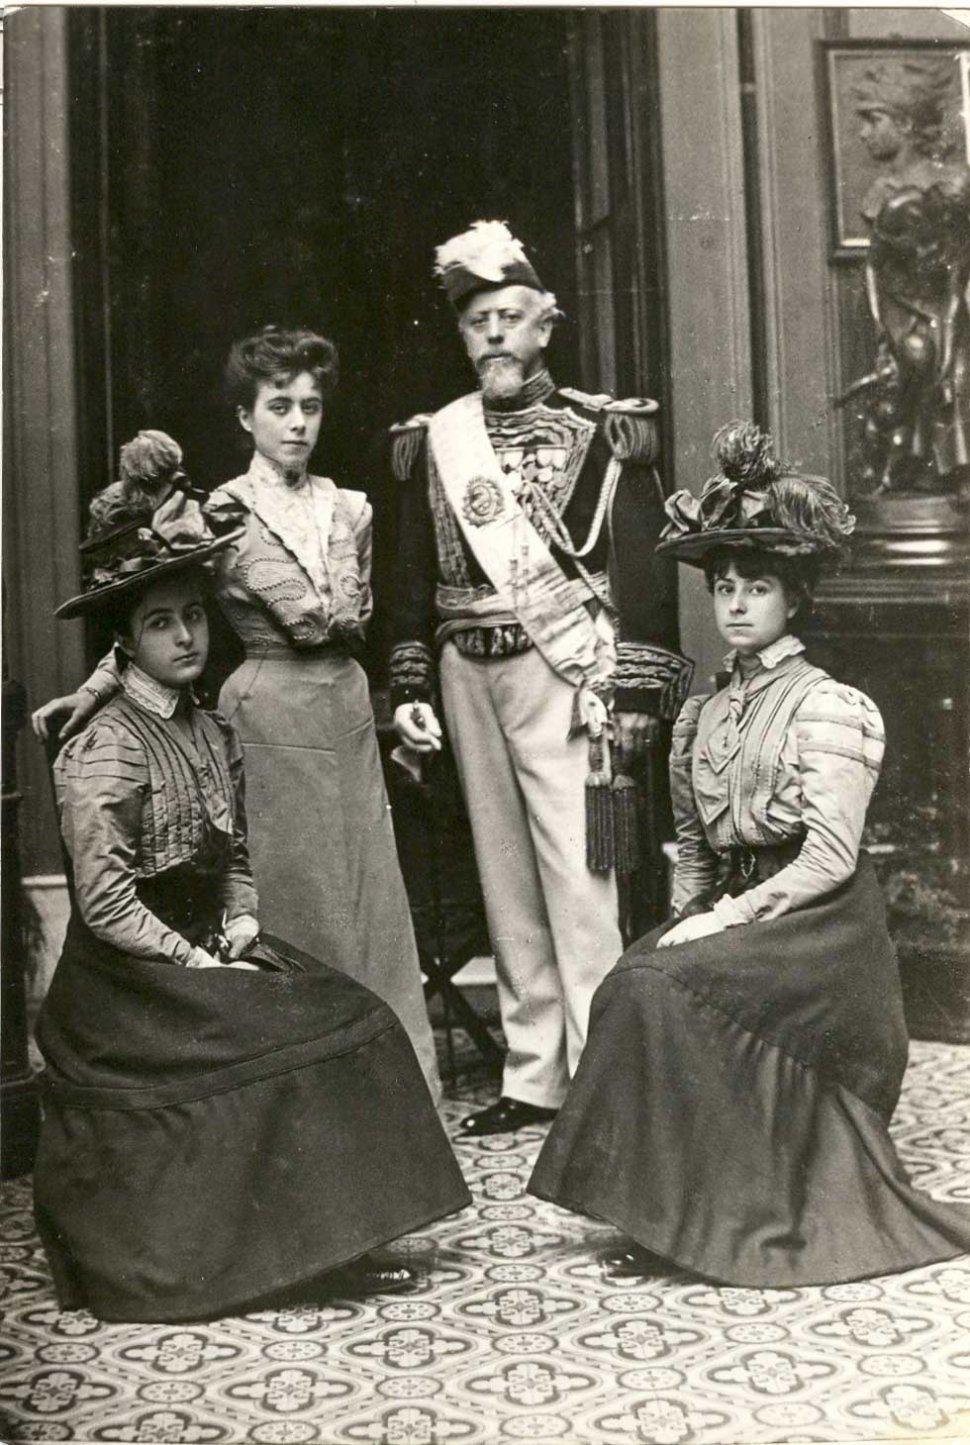 Fotos antiguas de Argentina anteriores a 1900 (1)